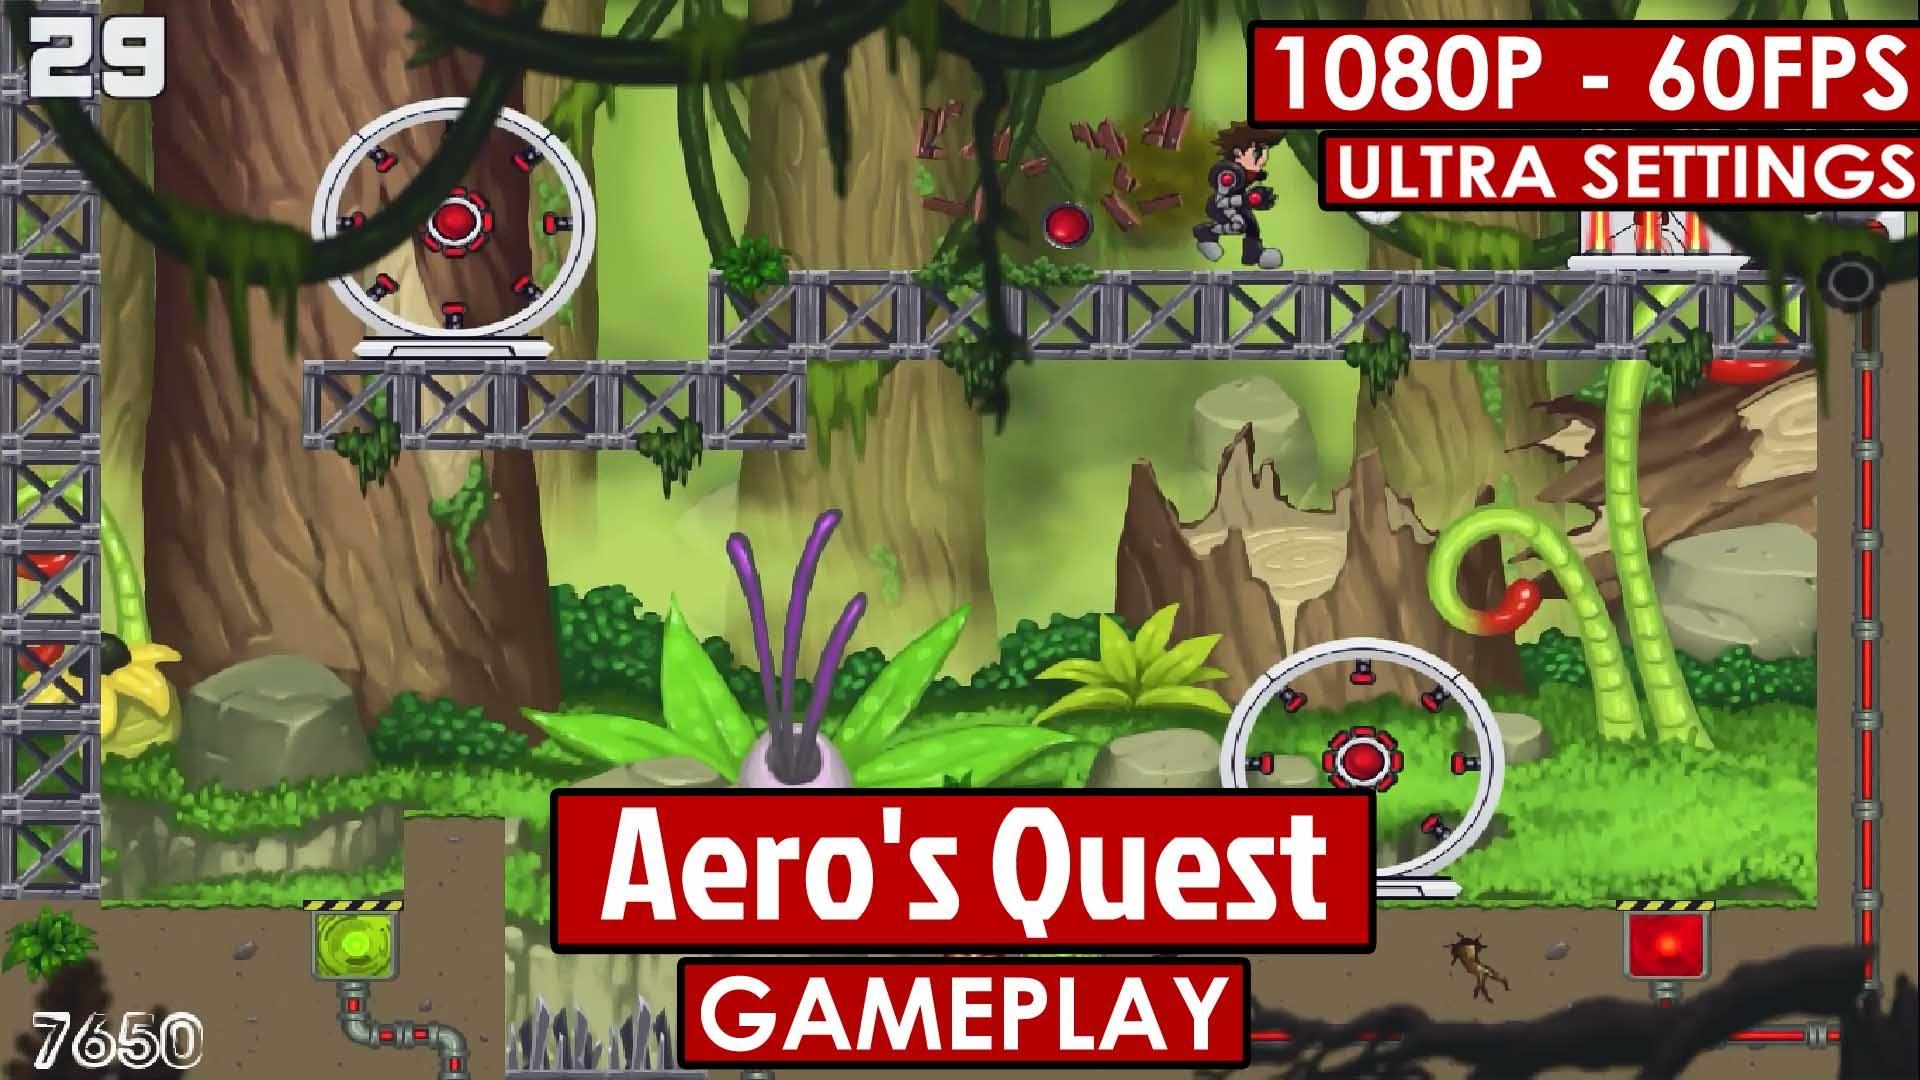 Aero's Quest Backgrounds, Compatible - PC, Mobile, Gadgets  1920x1080 px